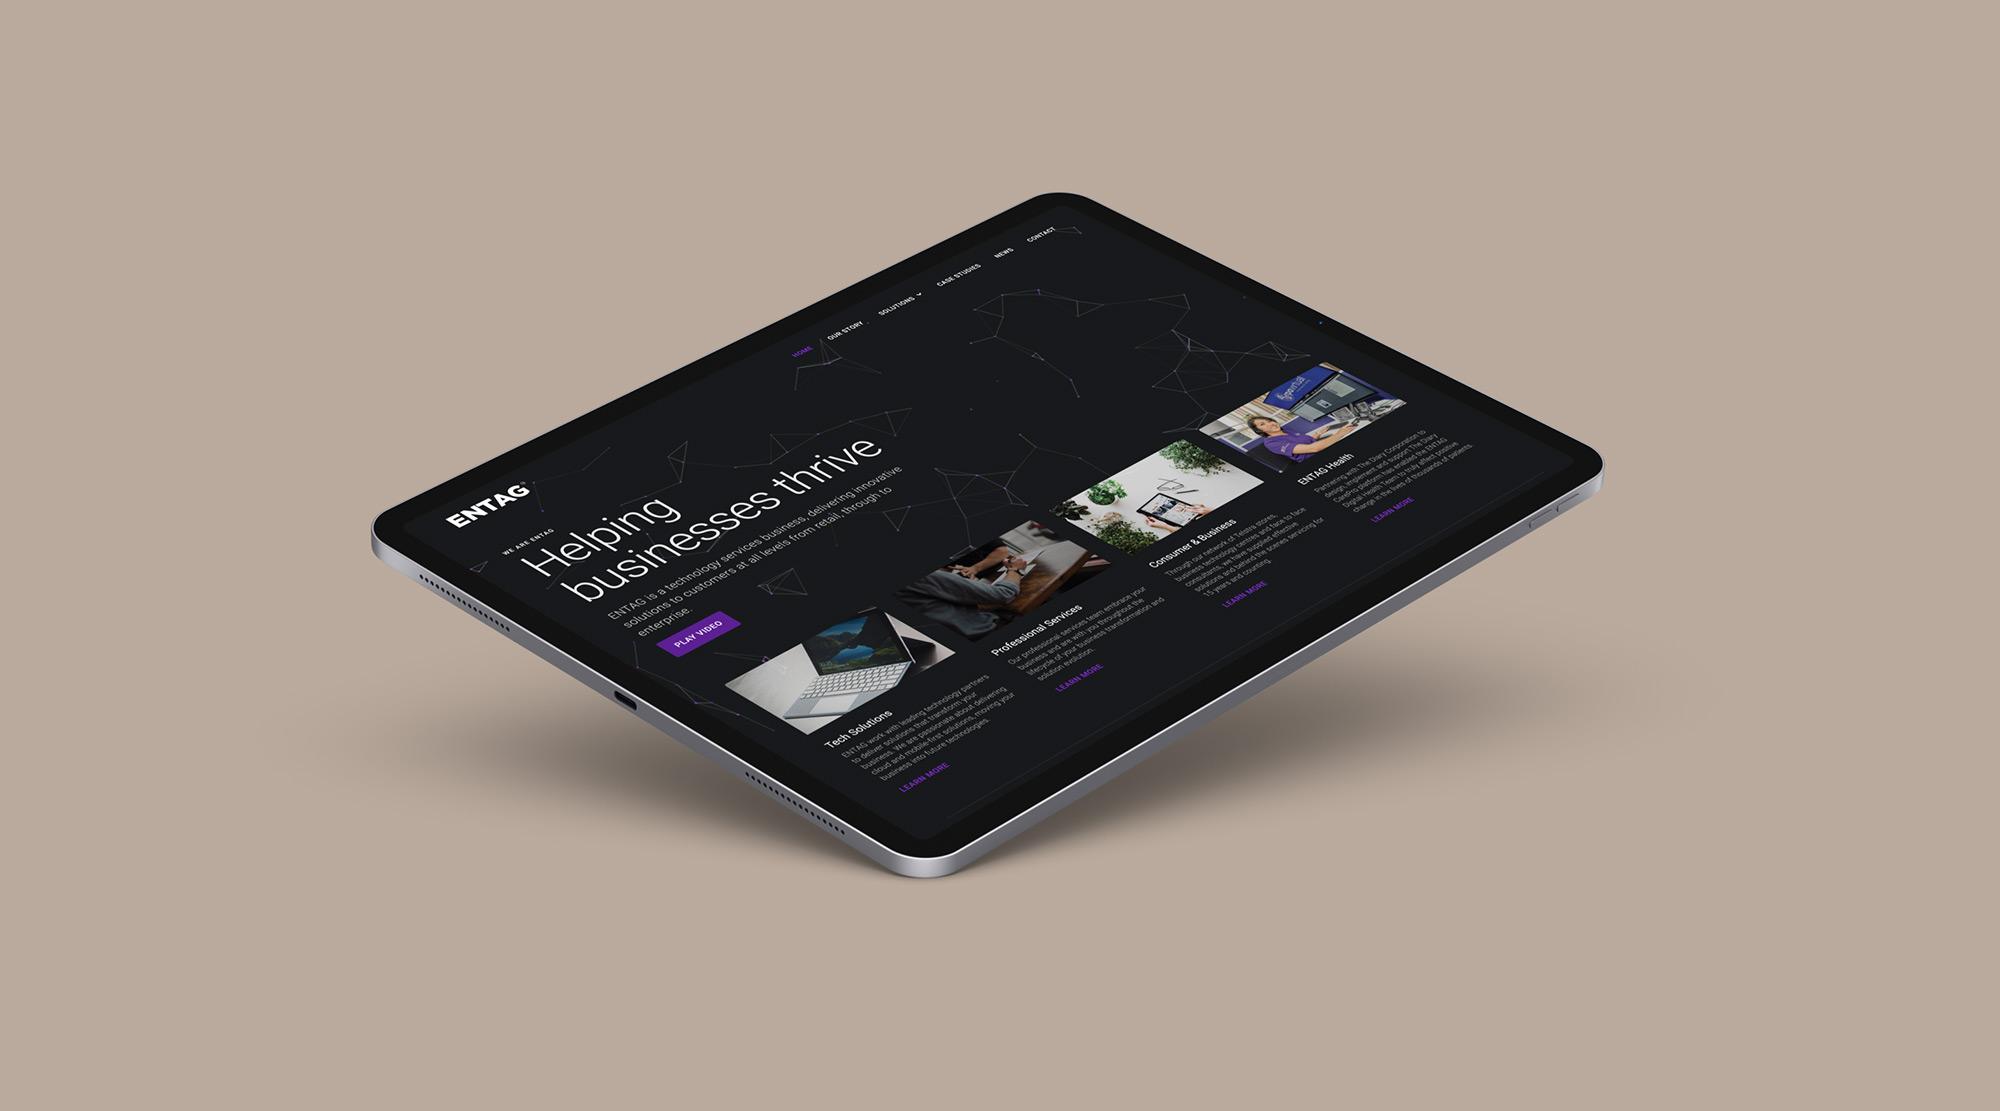 iPad--Entag-